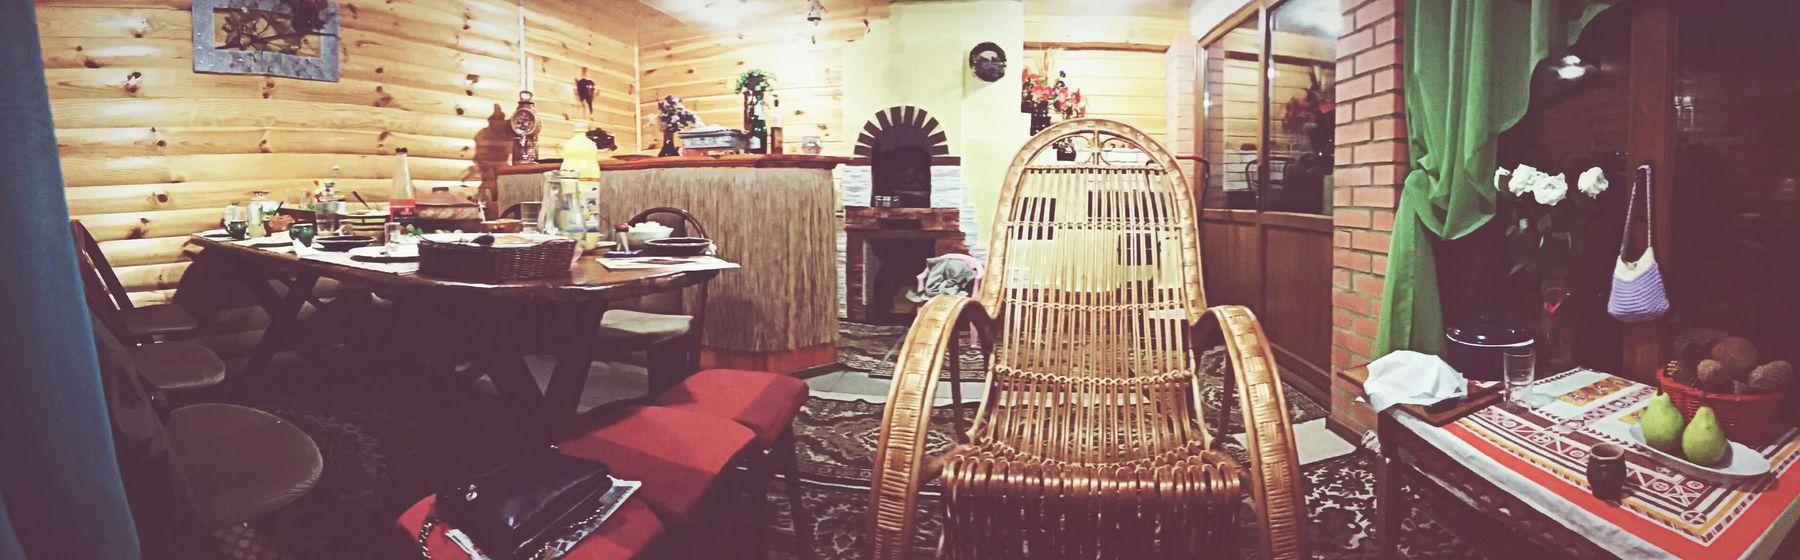 Ukraine Autumn Samsung Galaxy A3 EyeEm Best Shots EyeEm Nature Lover House Relaxing Vacation Chair Then Home EyeEm